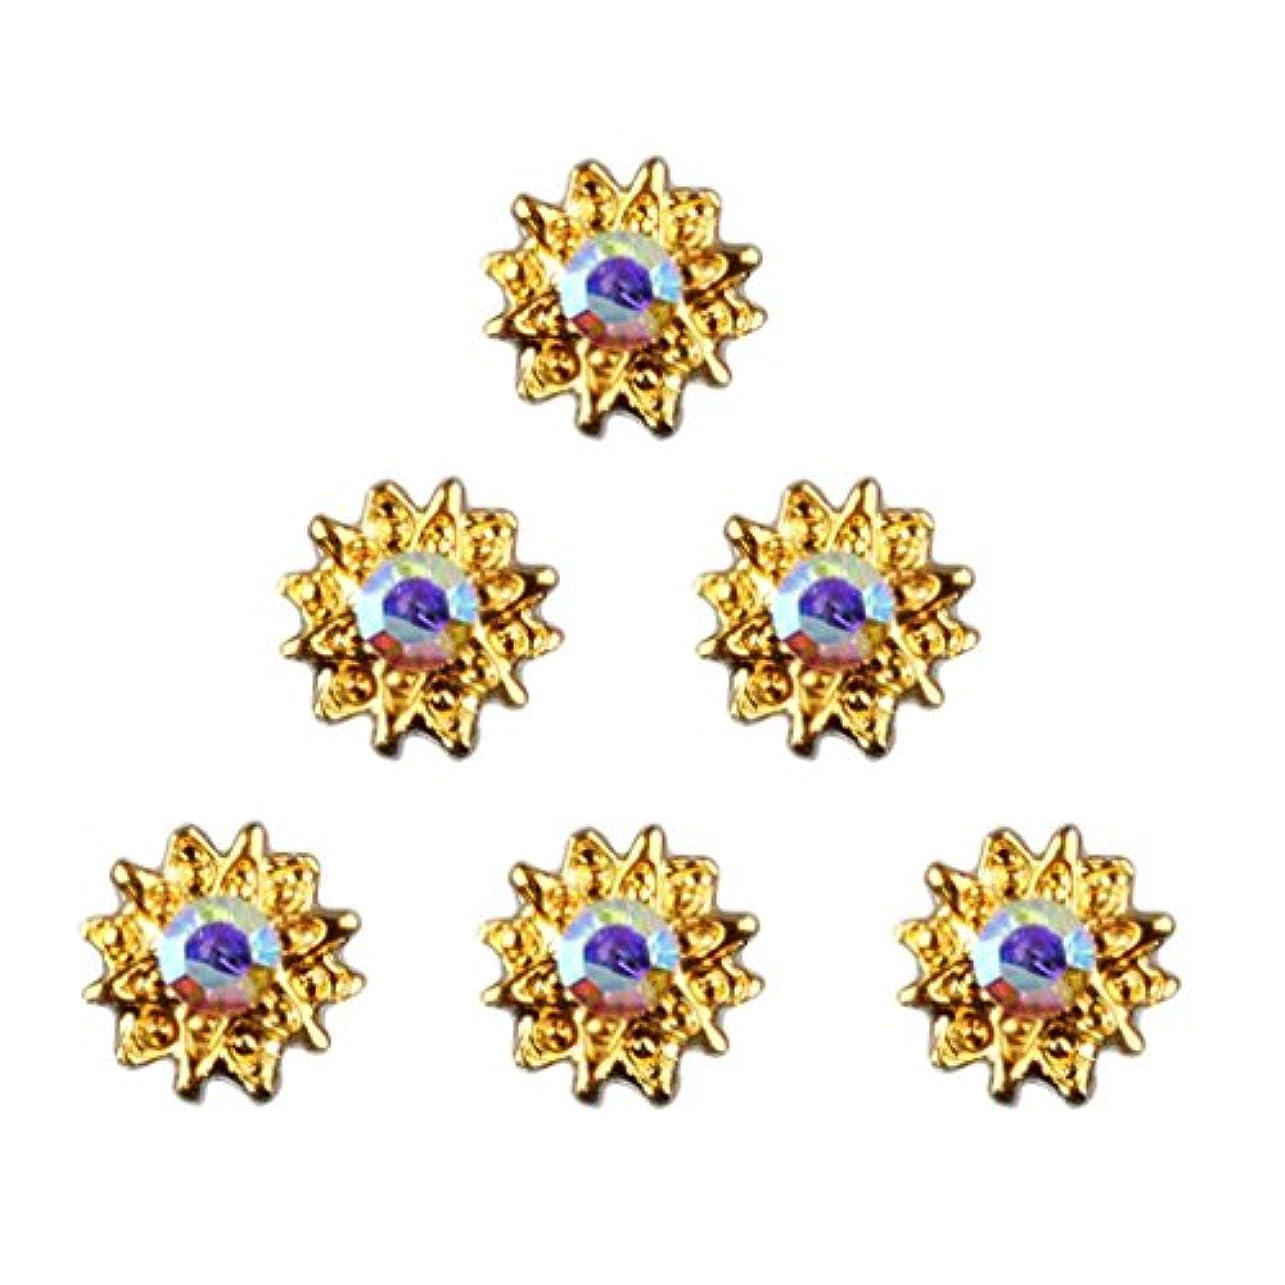 蒸留気配りのある文献Baosity ネイル ネイルデザイン ダイヤモンド 約50個 3Dネイルアート ヒントステッカー デコレーション おしゃれ 全8タイプ選べ - 5